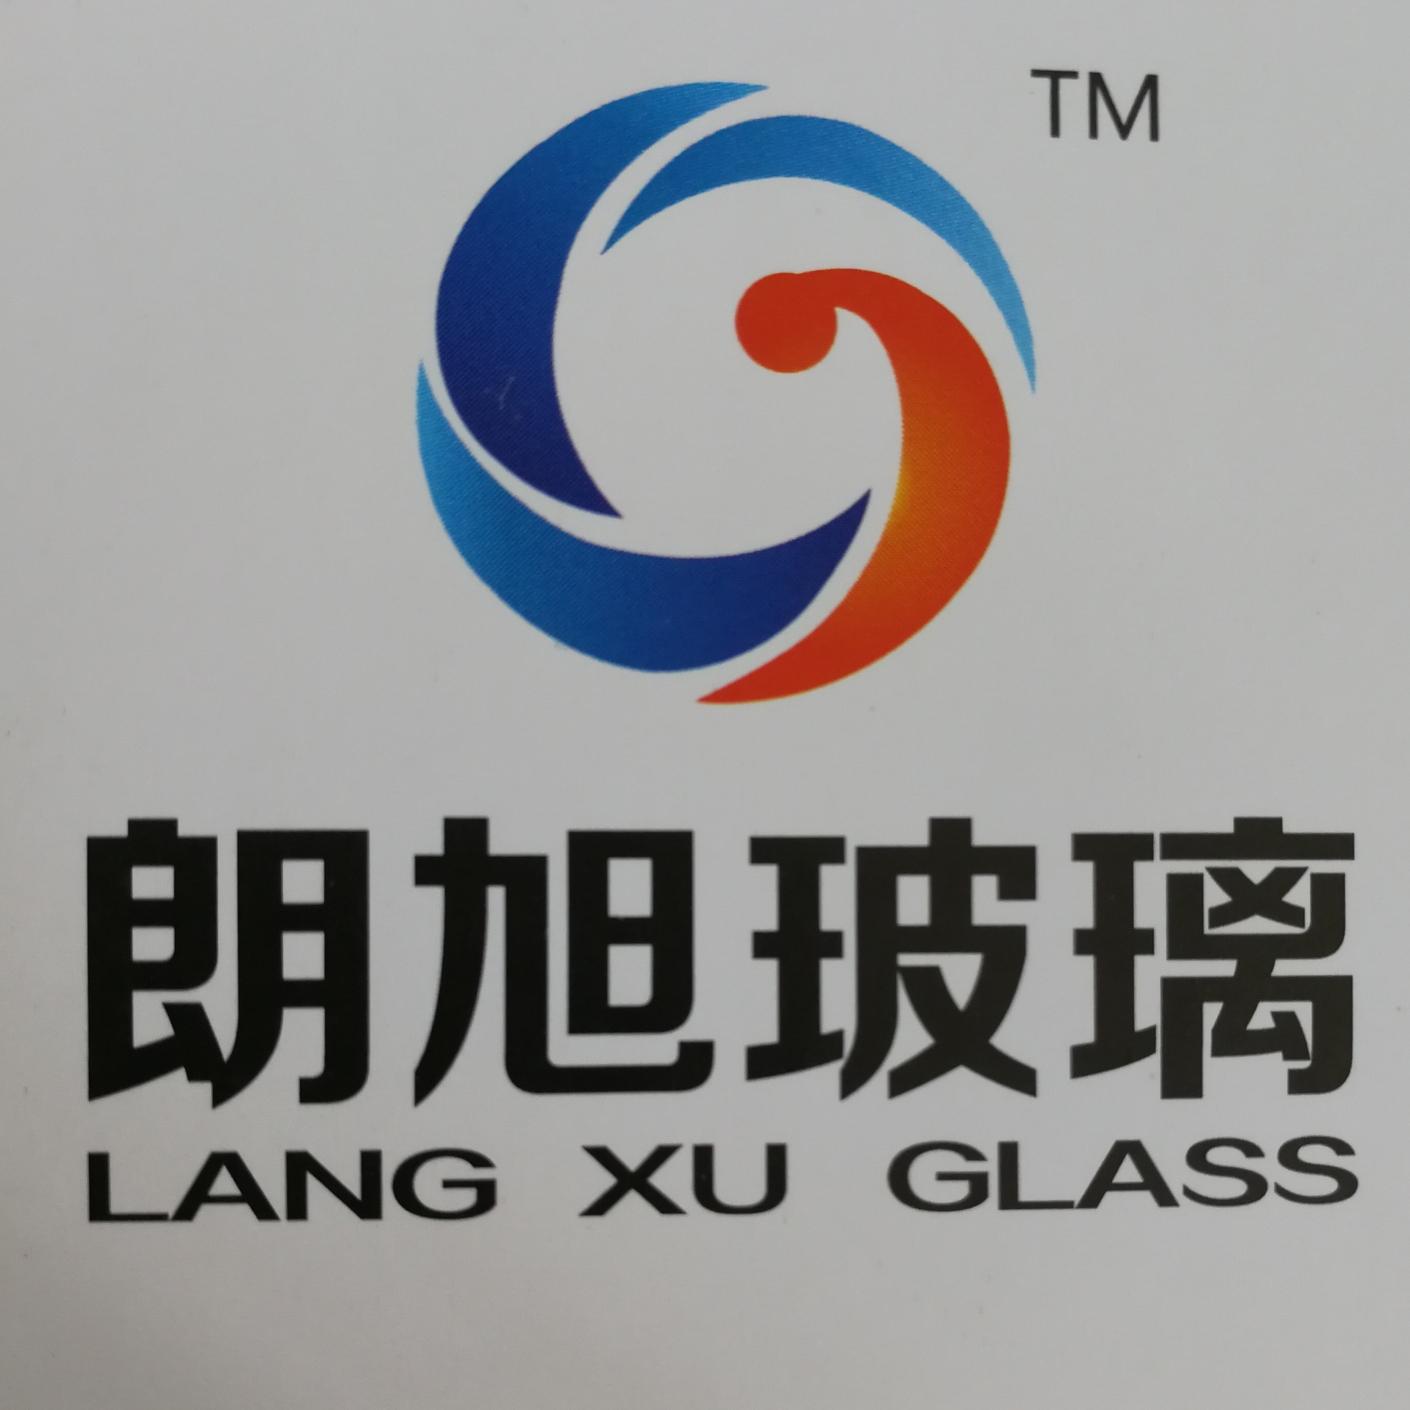 安徽朗旭玻璃器皿有限公司